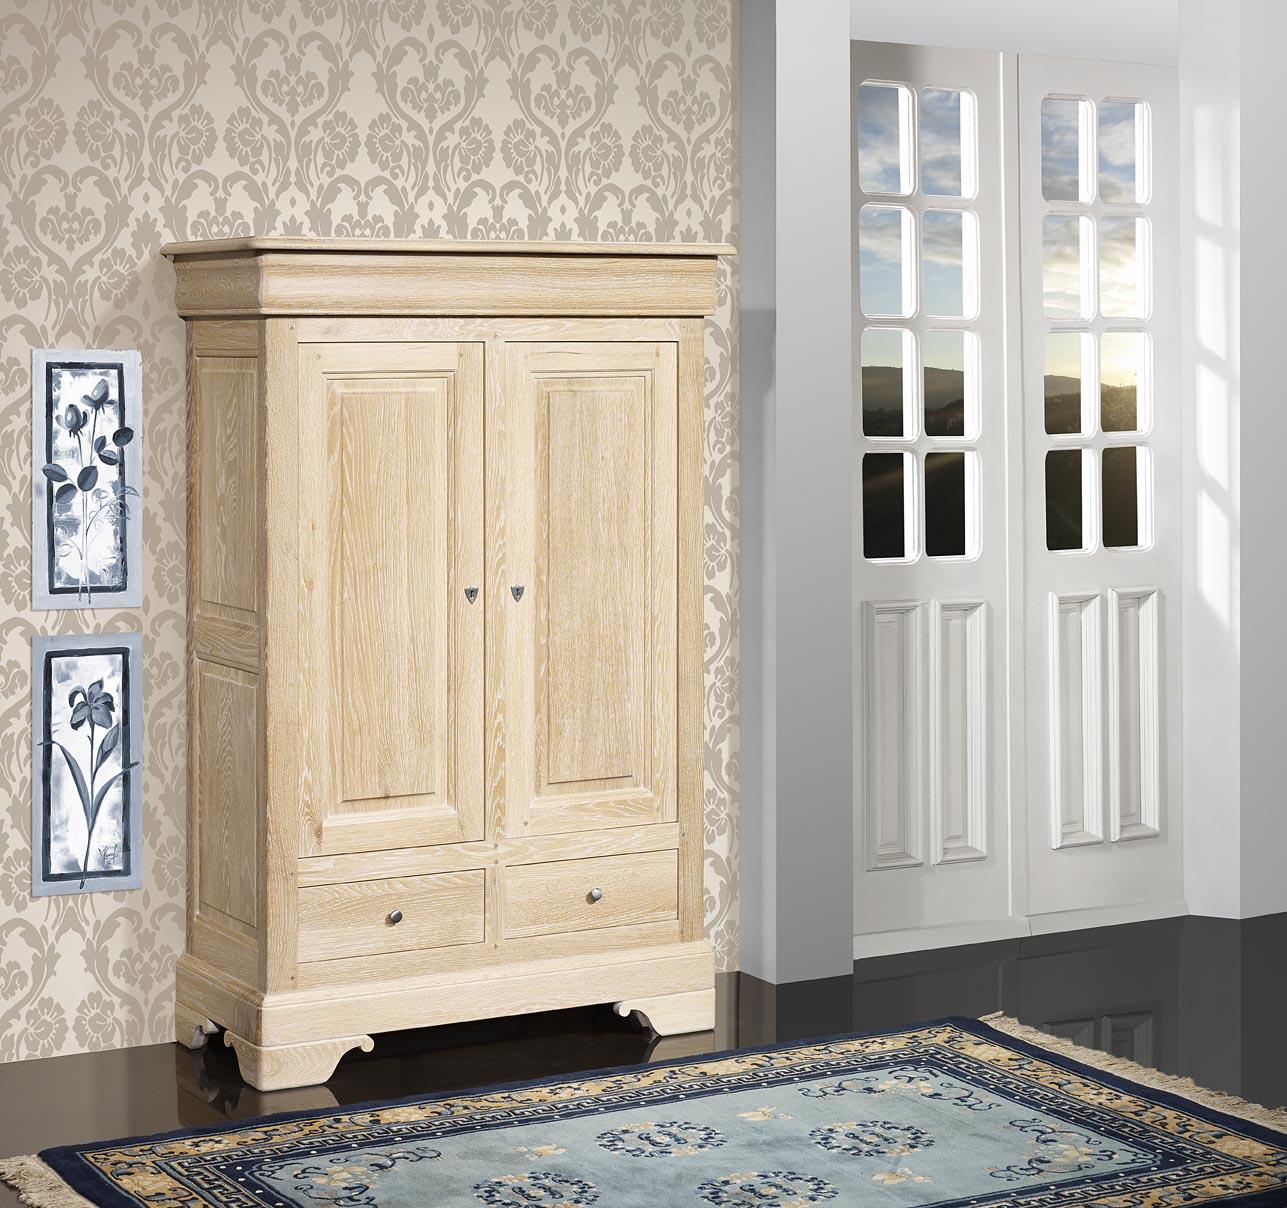 Pmc417 armario 2 puertas 2 cajones hecho de madera de for Puerta de roble macizo castorama